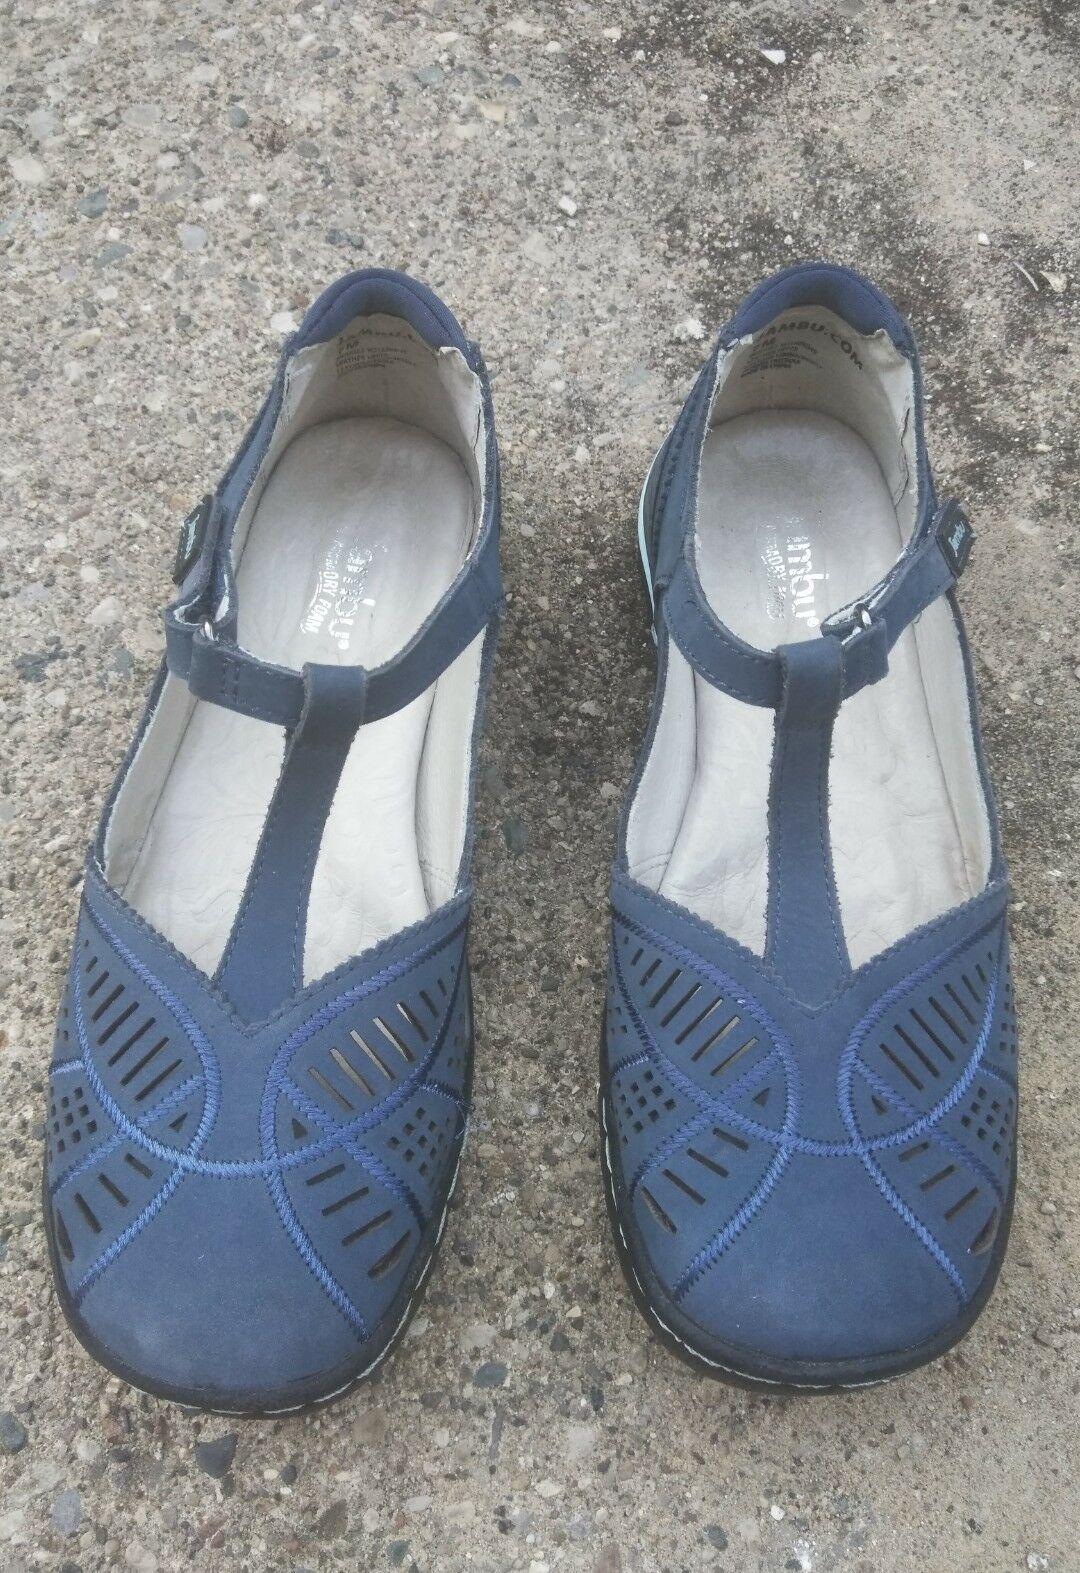 NEW JBU By Jambu Wildflower Women's Sandal With Memory Foam bluee 7M